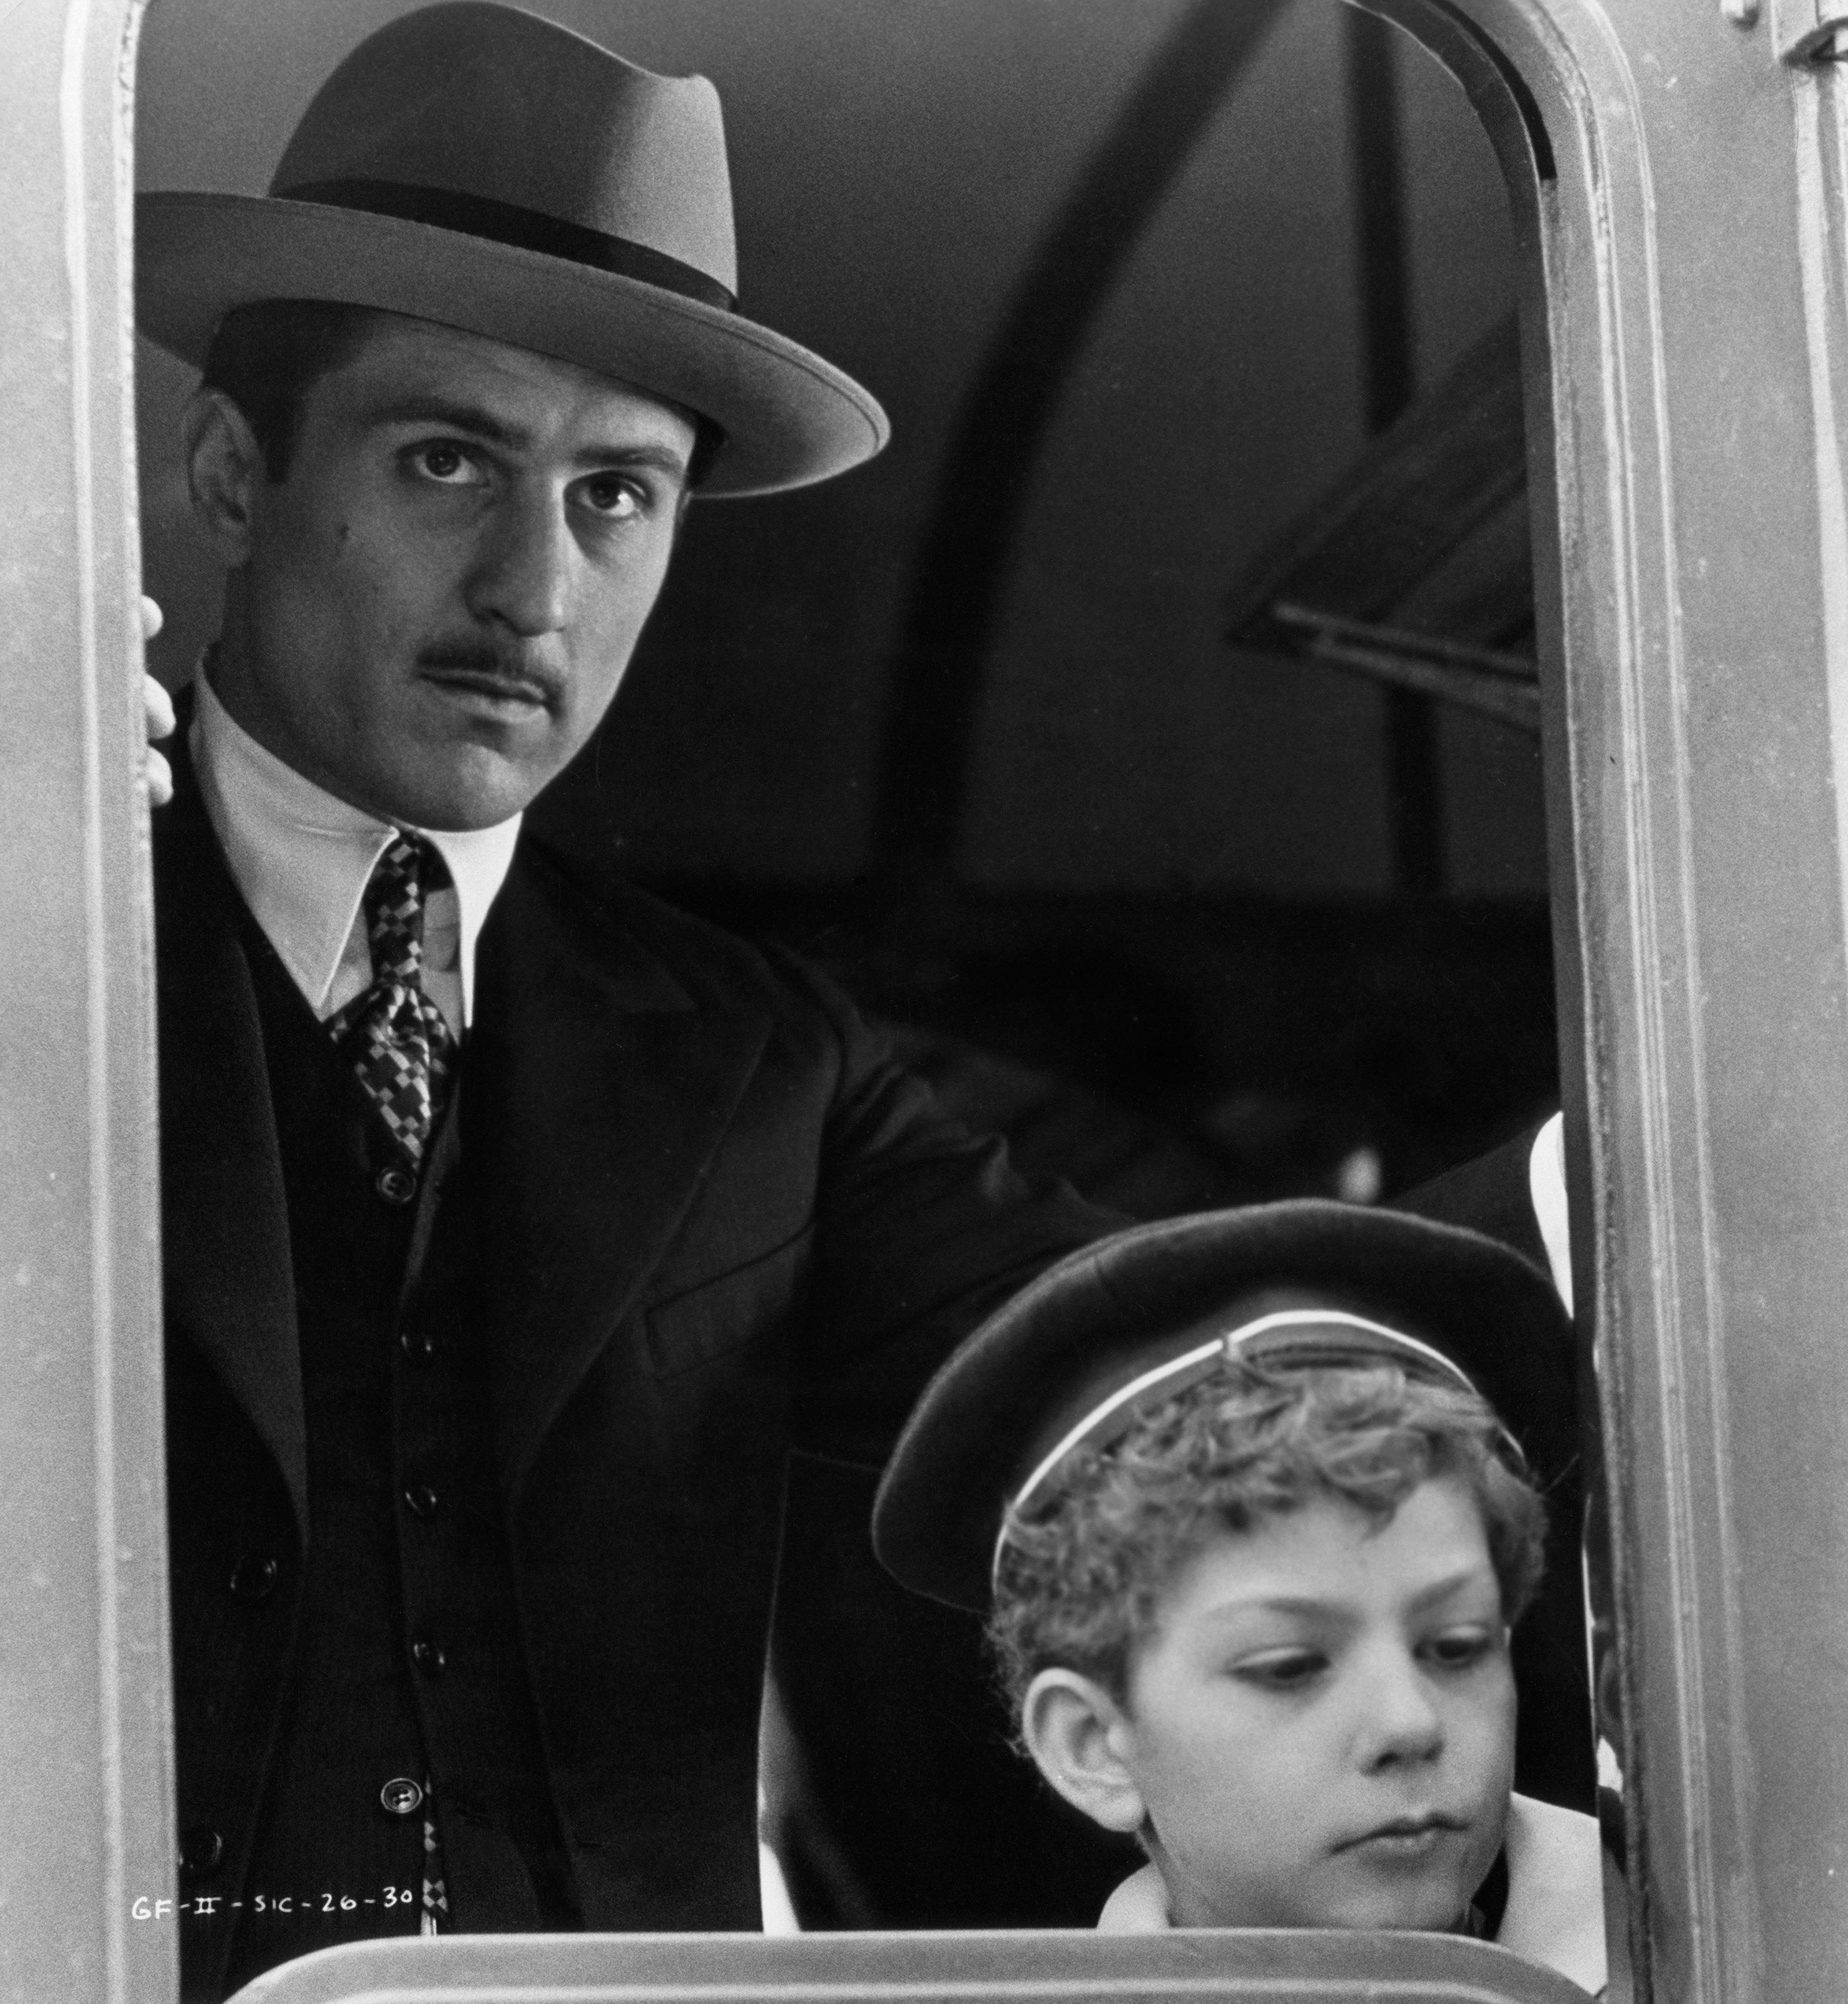 Robert De Niro in The Godfather: Part II (1974)